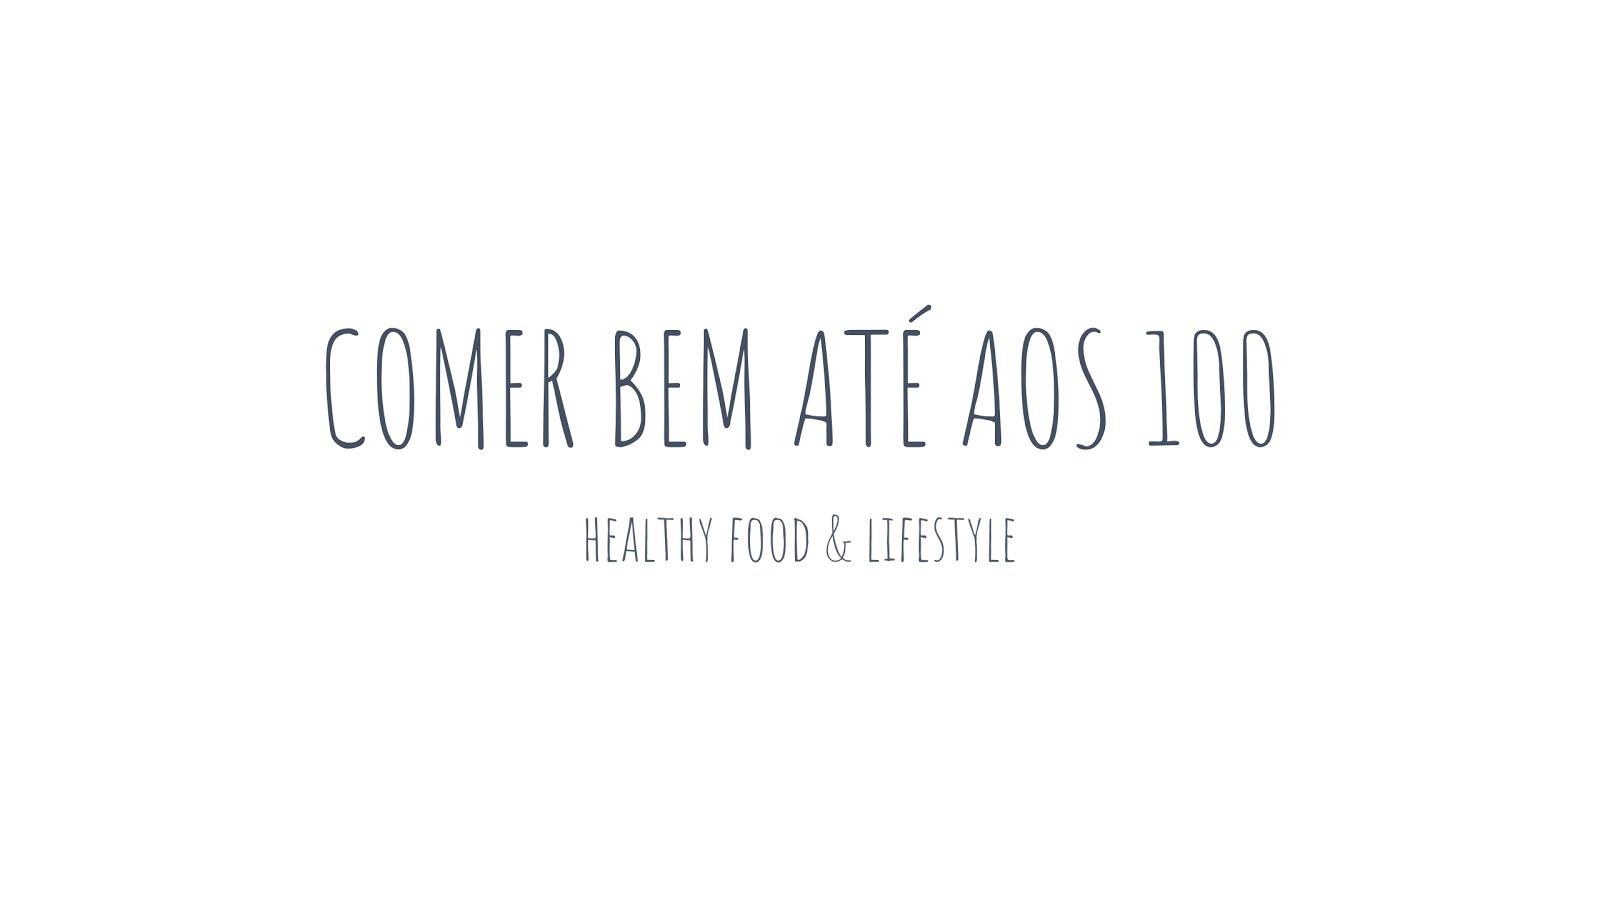 Comer bem até aos 100